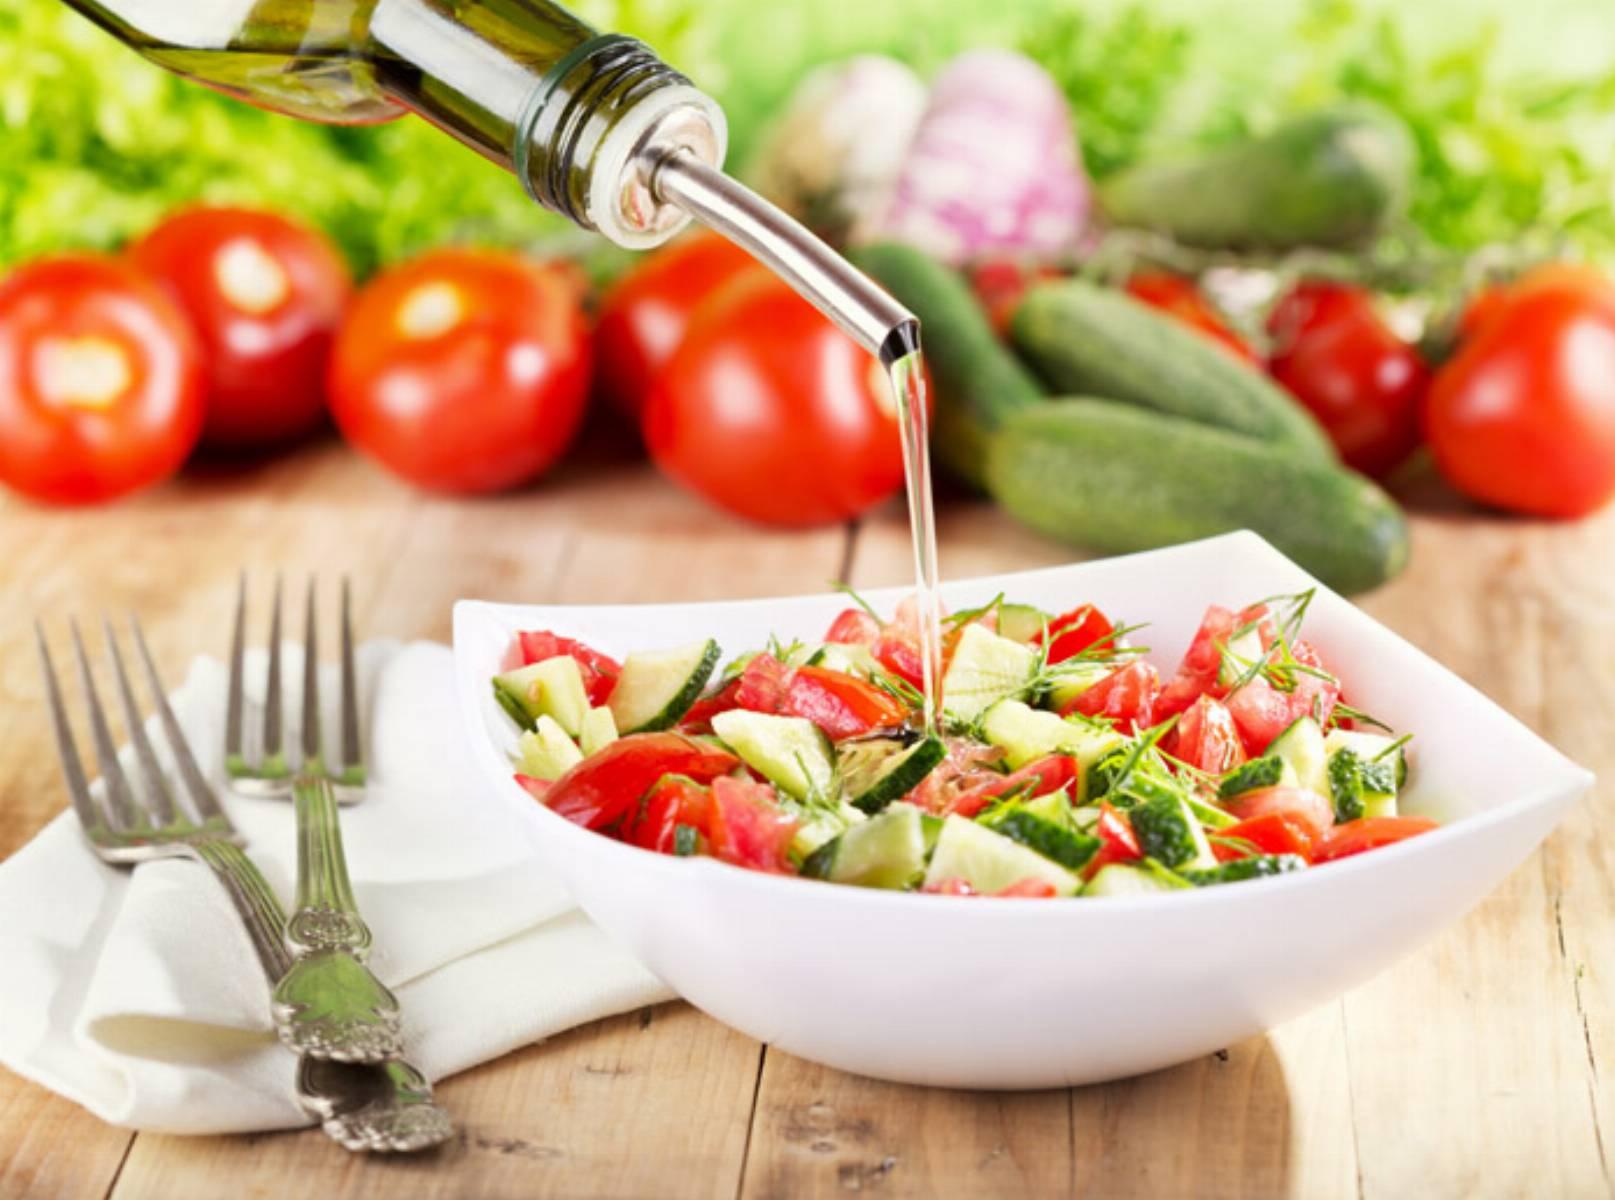 Olej Rzepakowy źródłem Zdrowia Używasz Go W Swojej Kuchni